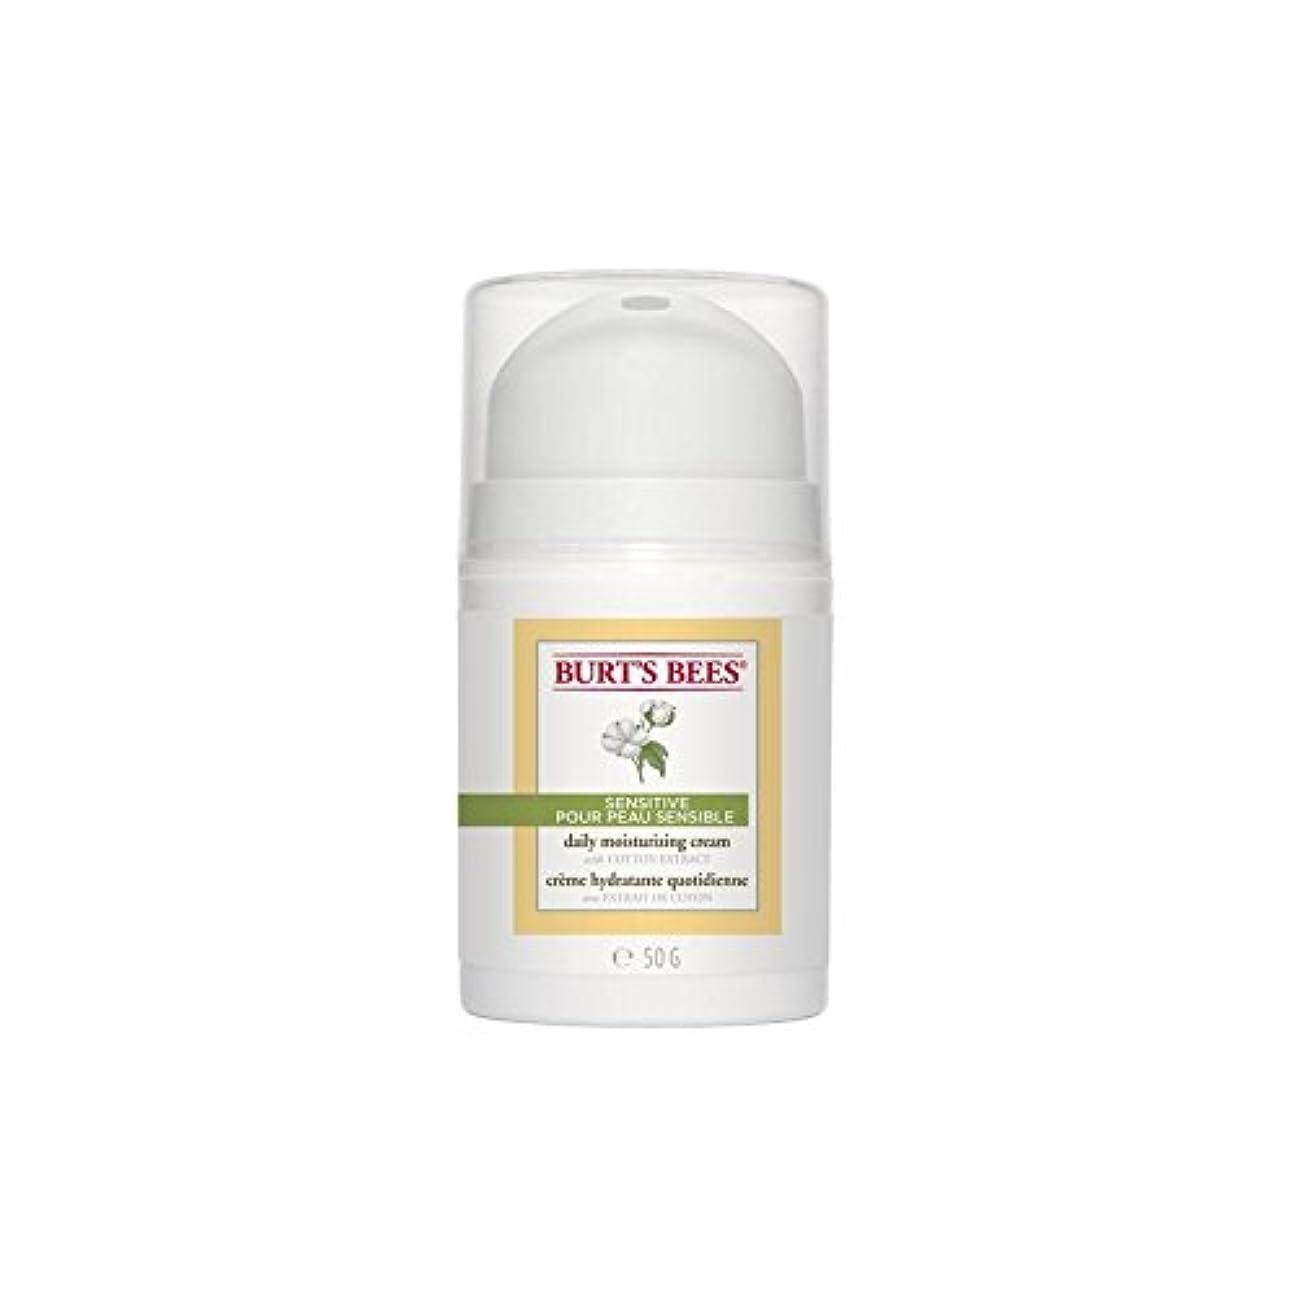 鹿ラウズ笑バーツビー敏感毎日保湿クリーム50グラム x2 - Burt's Bees Sensitive Daily Moisturising Cream 50G (Pack of 2) [並行輸入品]